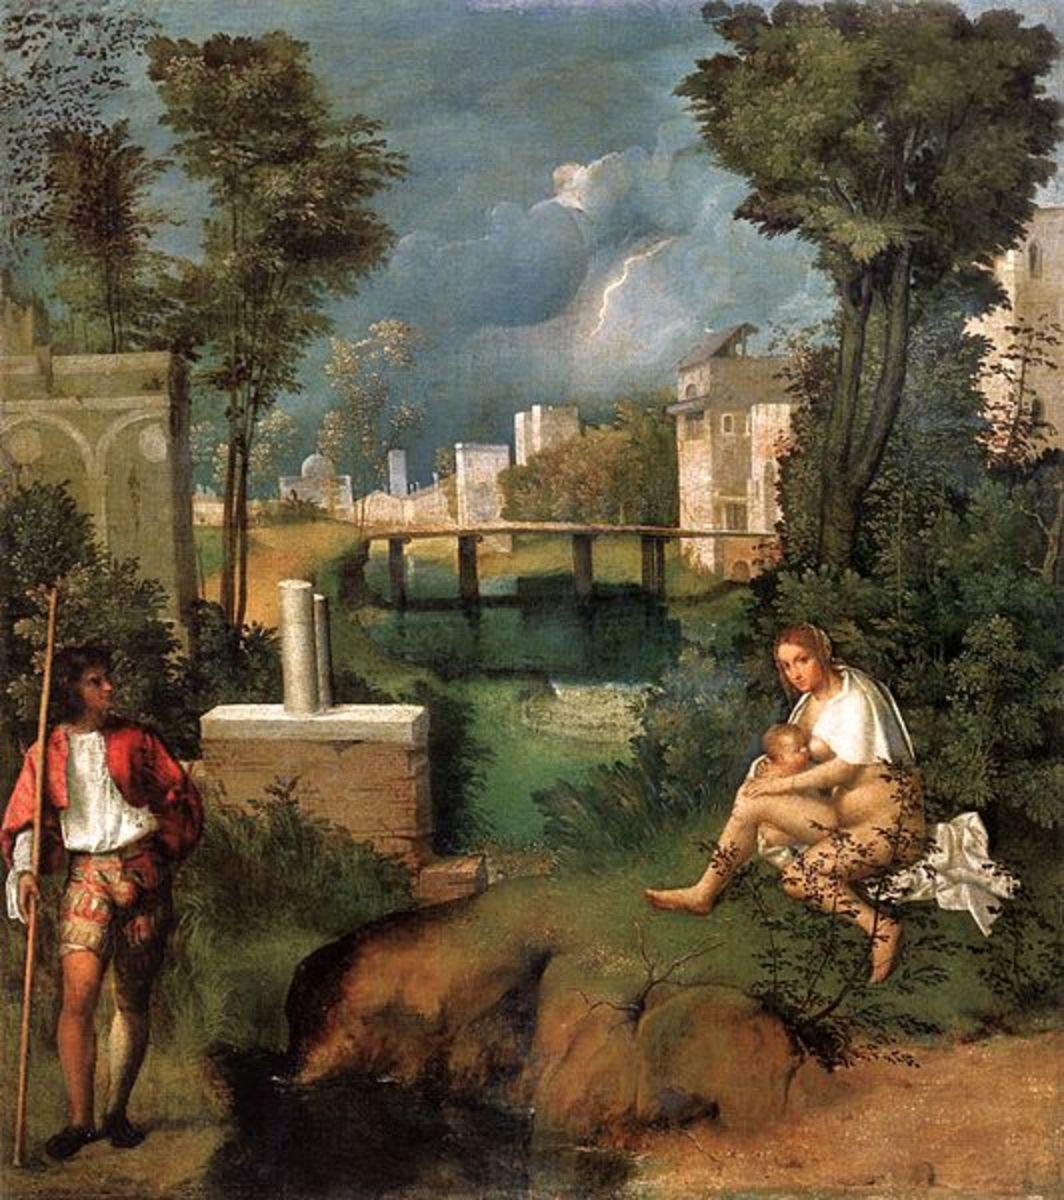 Giorgione, The Tempest (1507-1508) Venice Gallerie dell'Accademia